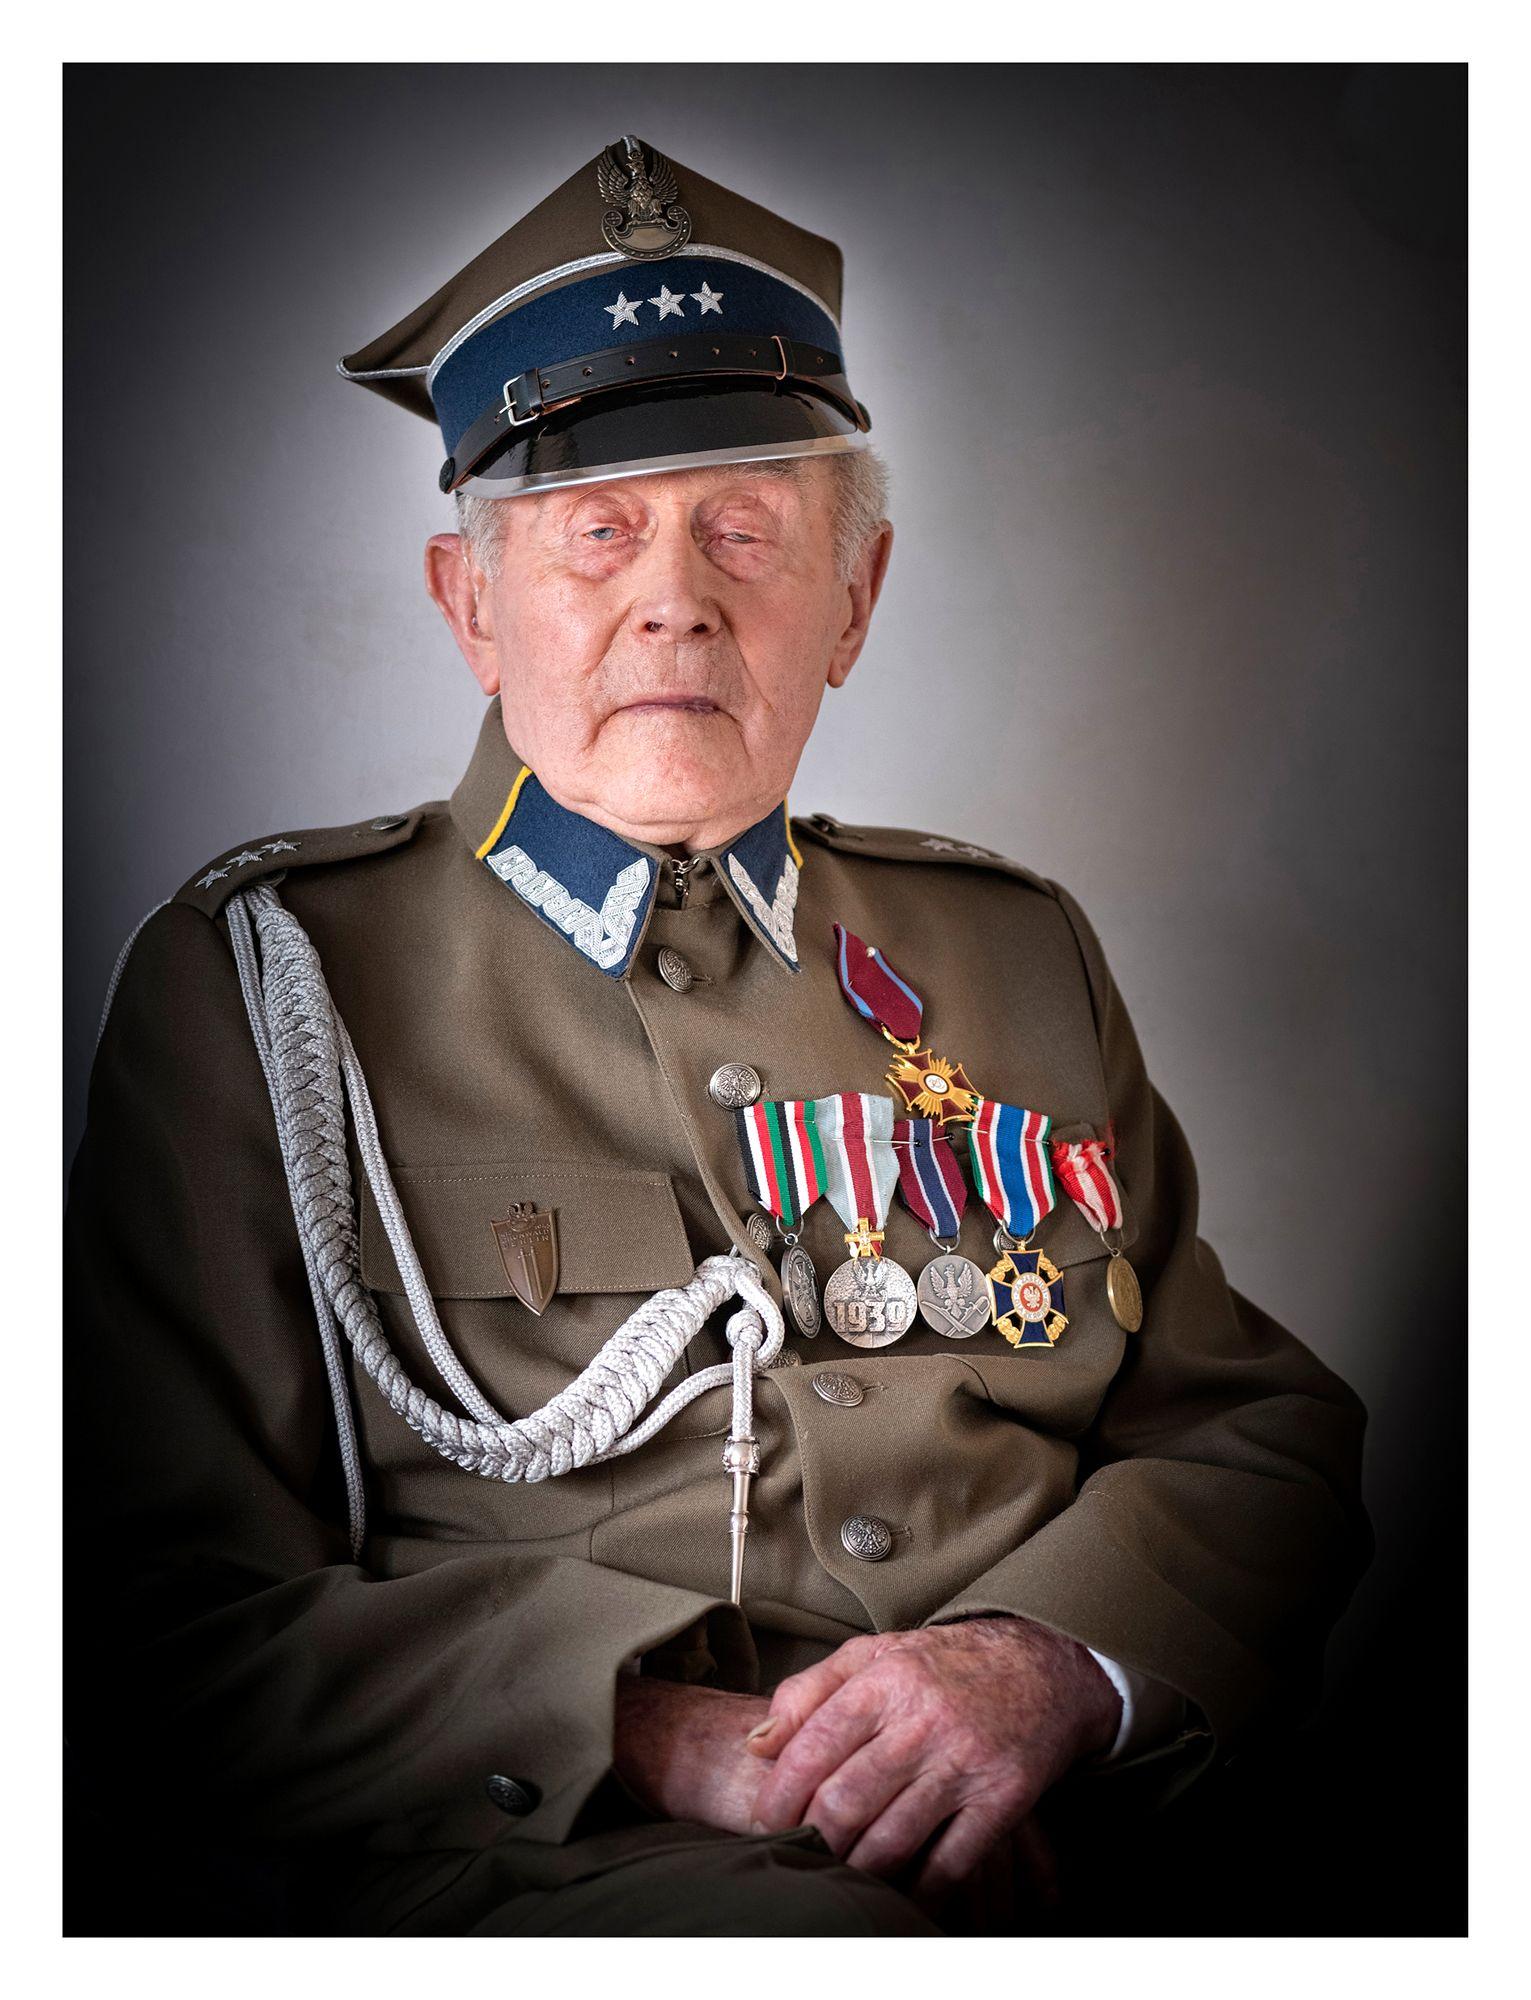 JÓZEF CABAN (103 LATA) – Pałówko k. Słupska (woj. zachodniopomorskie), ppor. Wojska Polskiego, ostatni żyjący uczestnik bitwy pod Mławą.